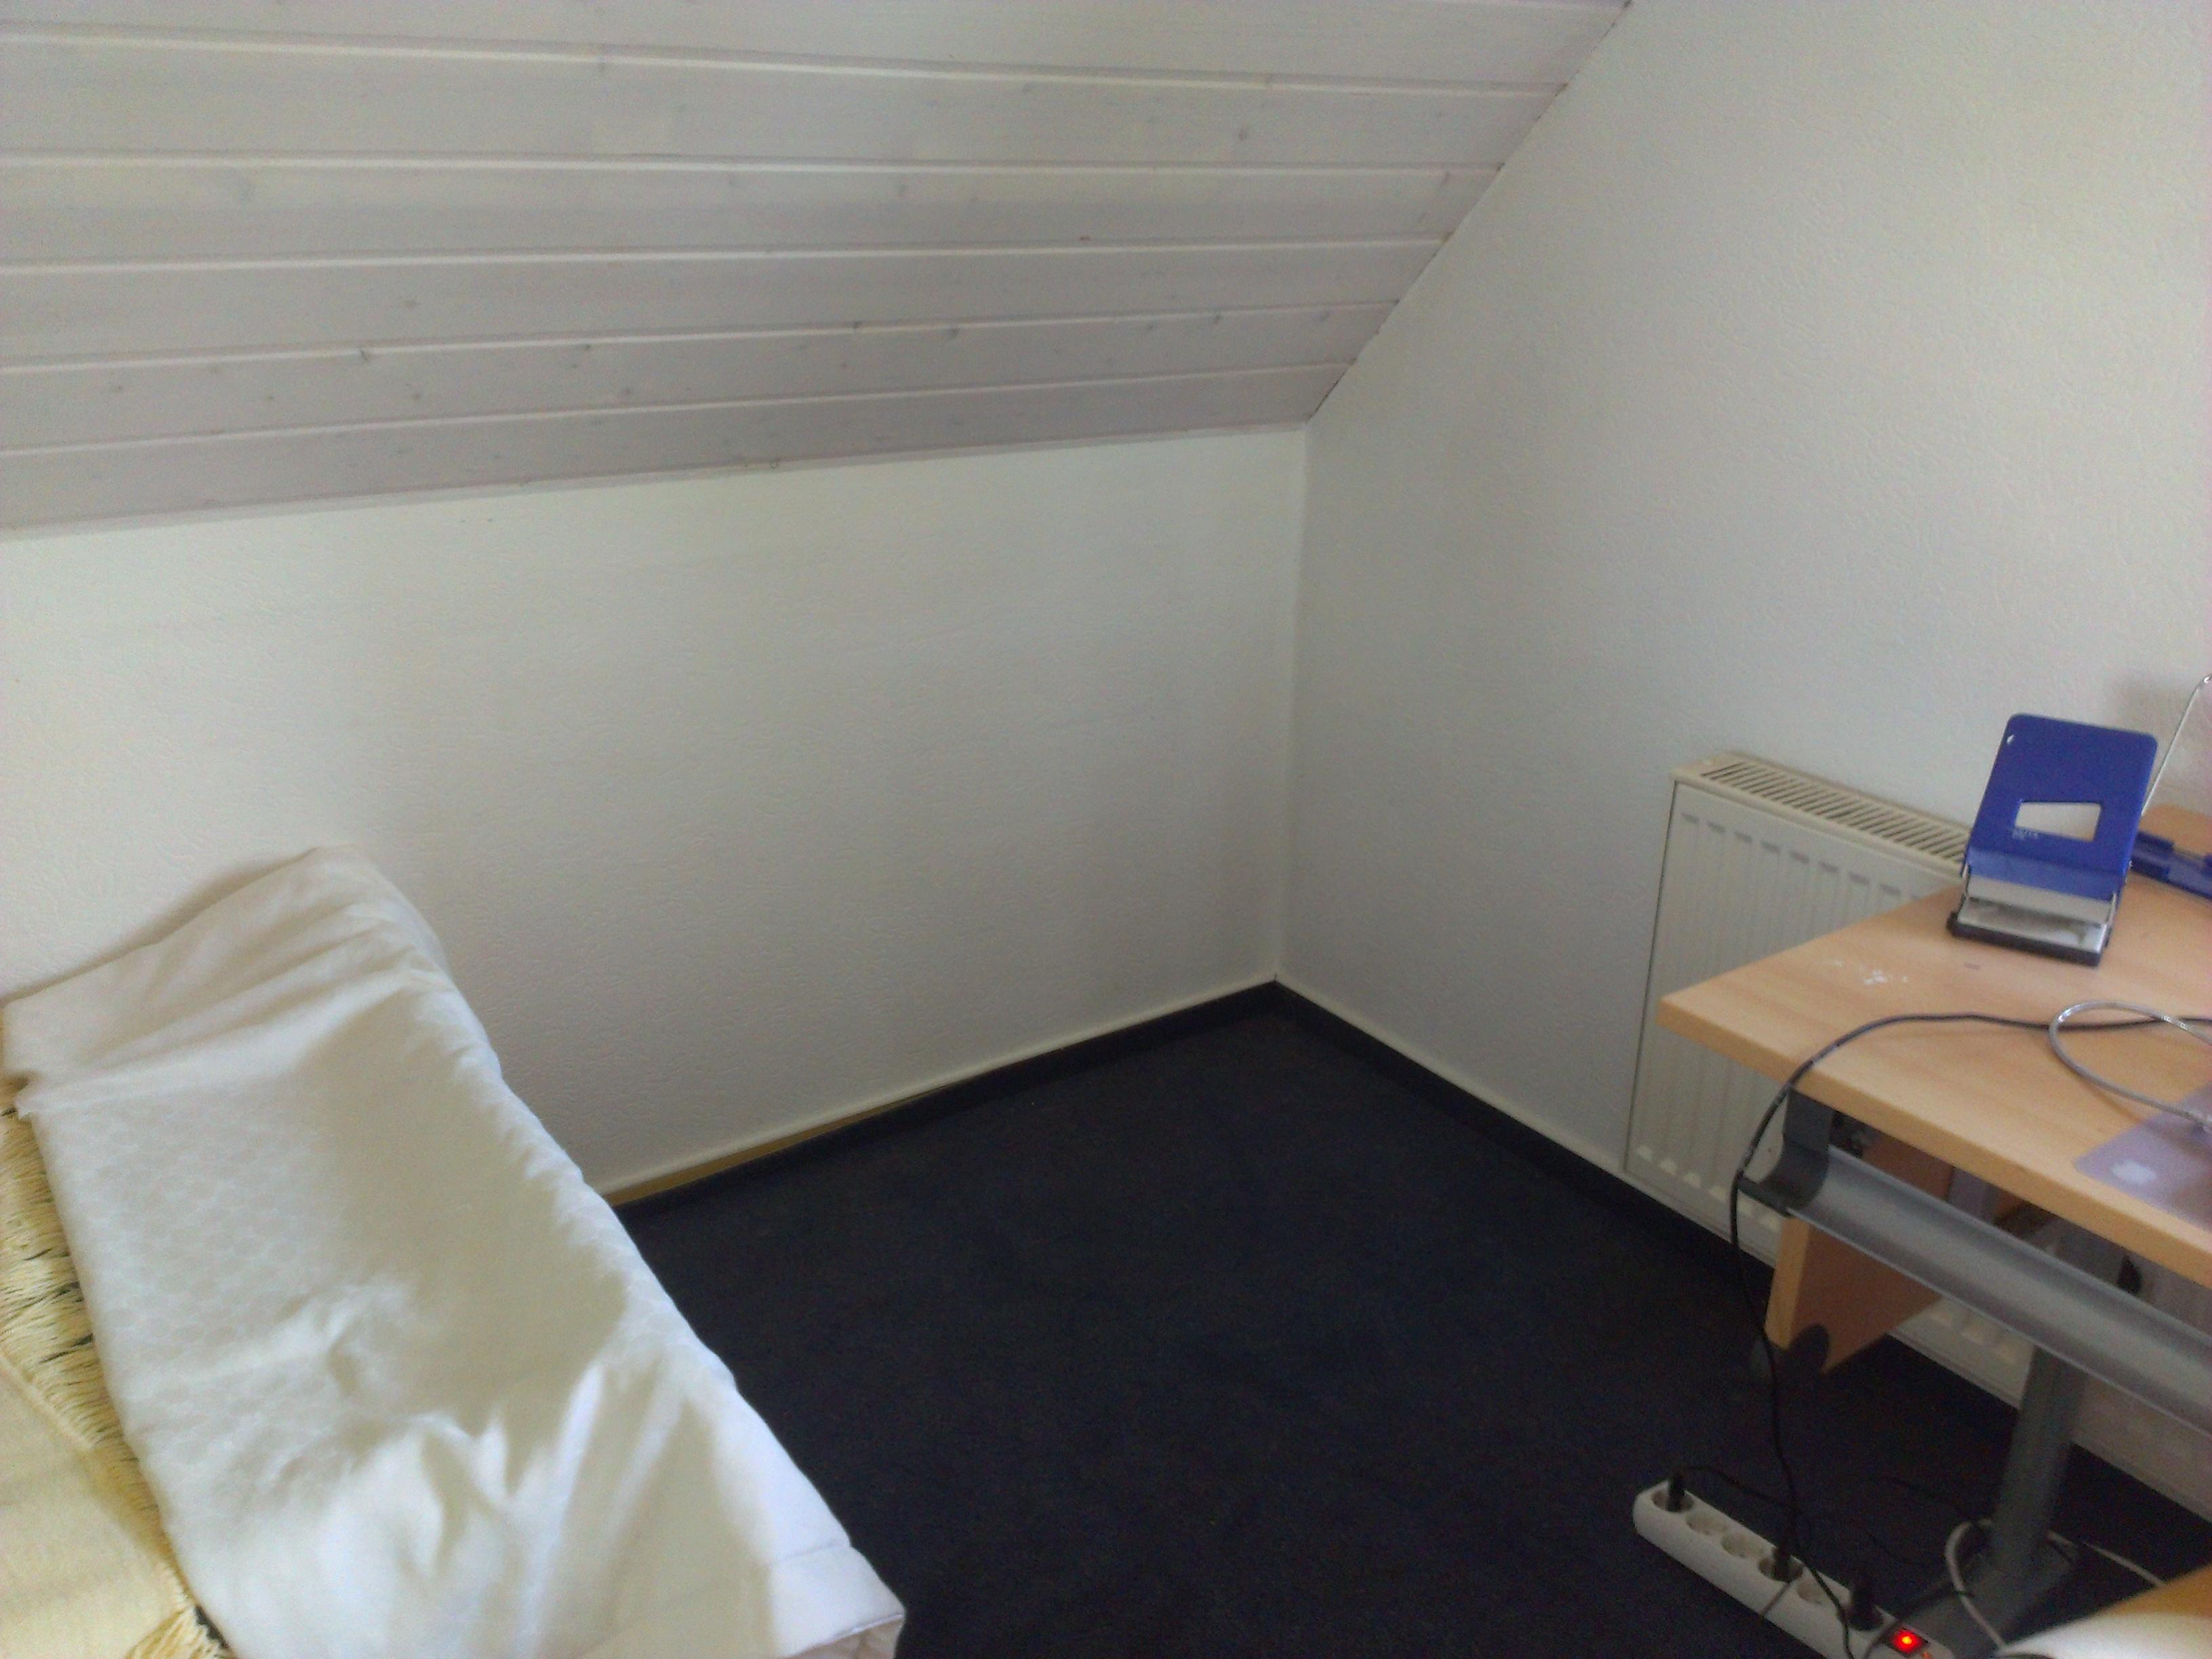 dunkle ecke im zimmer wie kann ich dir ausf llen gestaltung raum. Black Bedroom Furniture Sets. Home Design Ideas